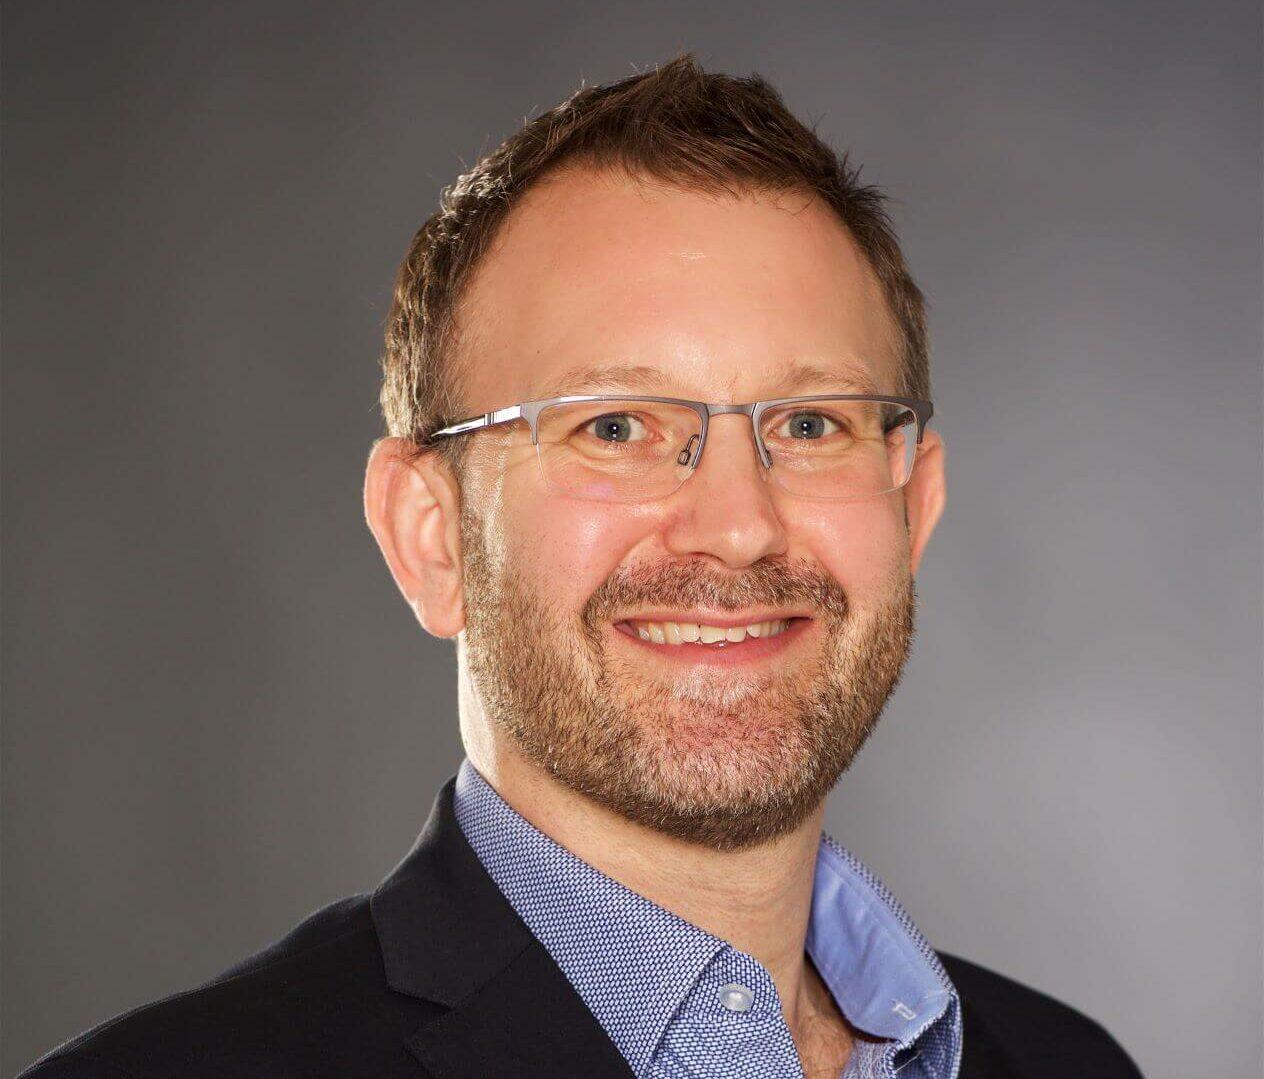 Harrogate College Principal Danny Wild